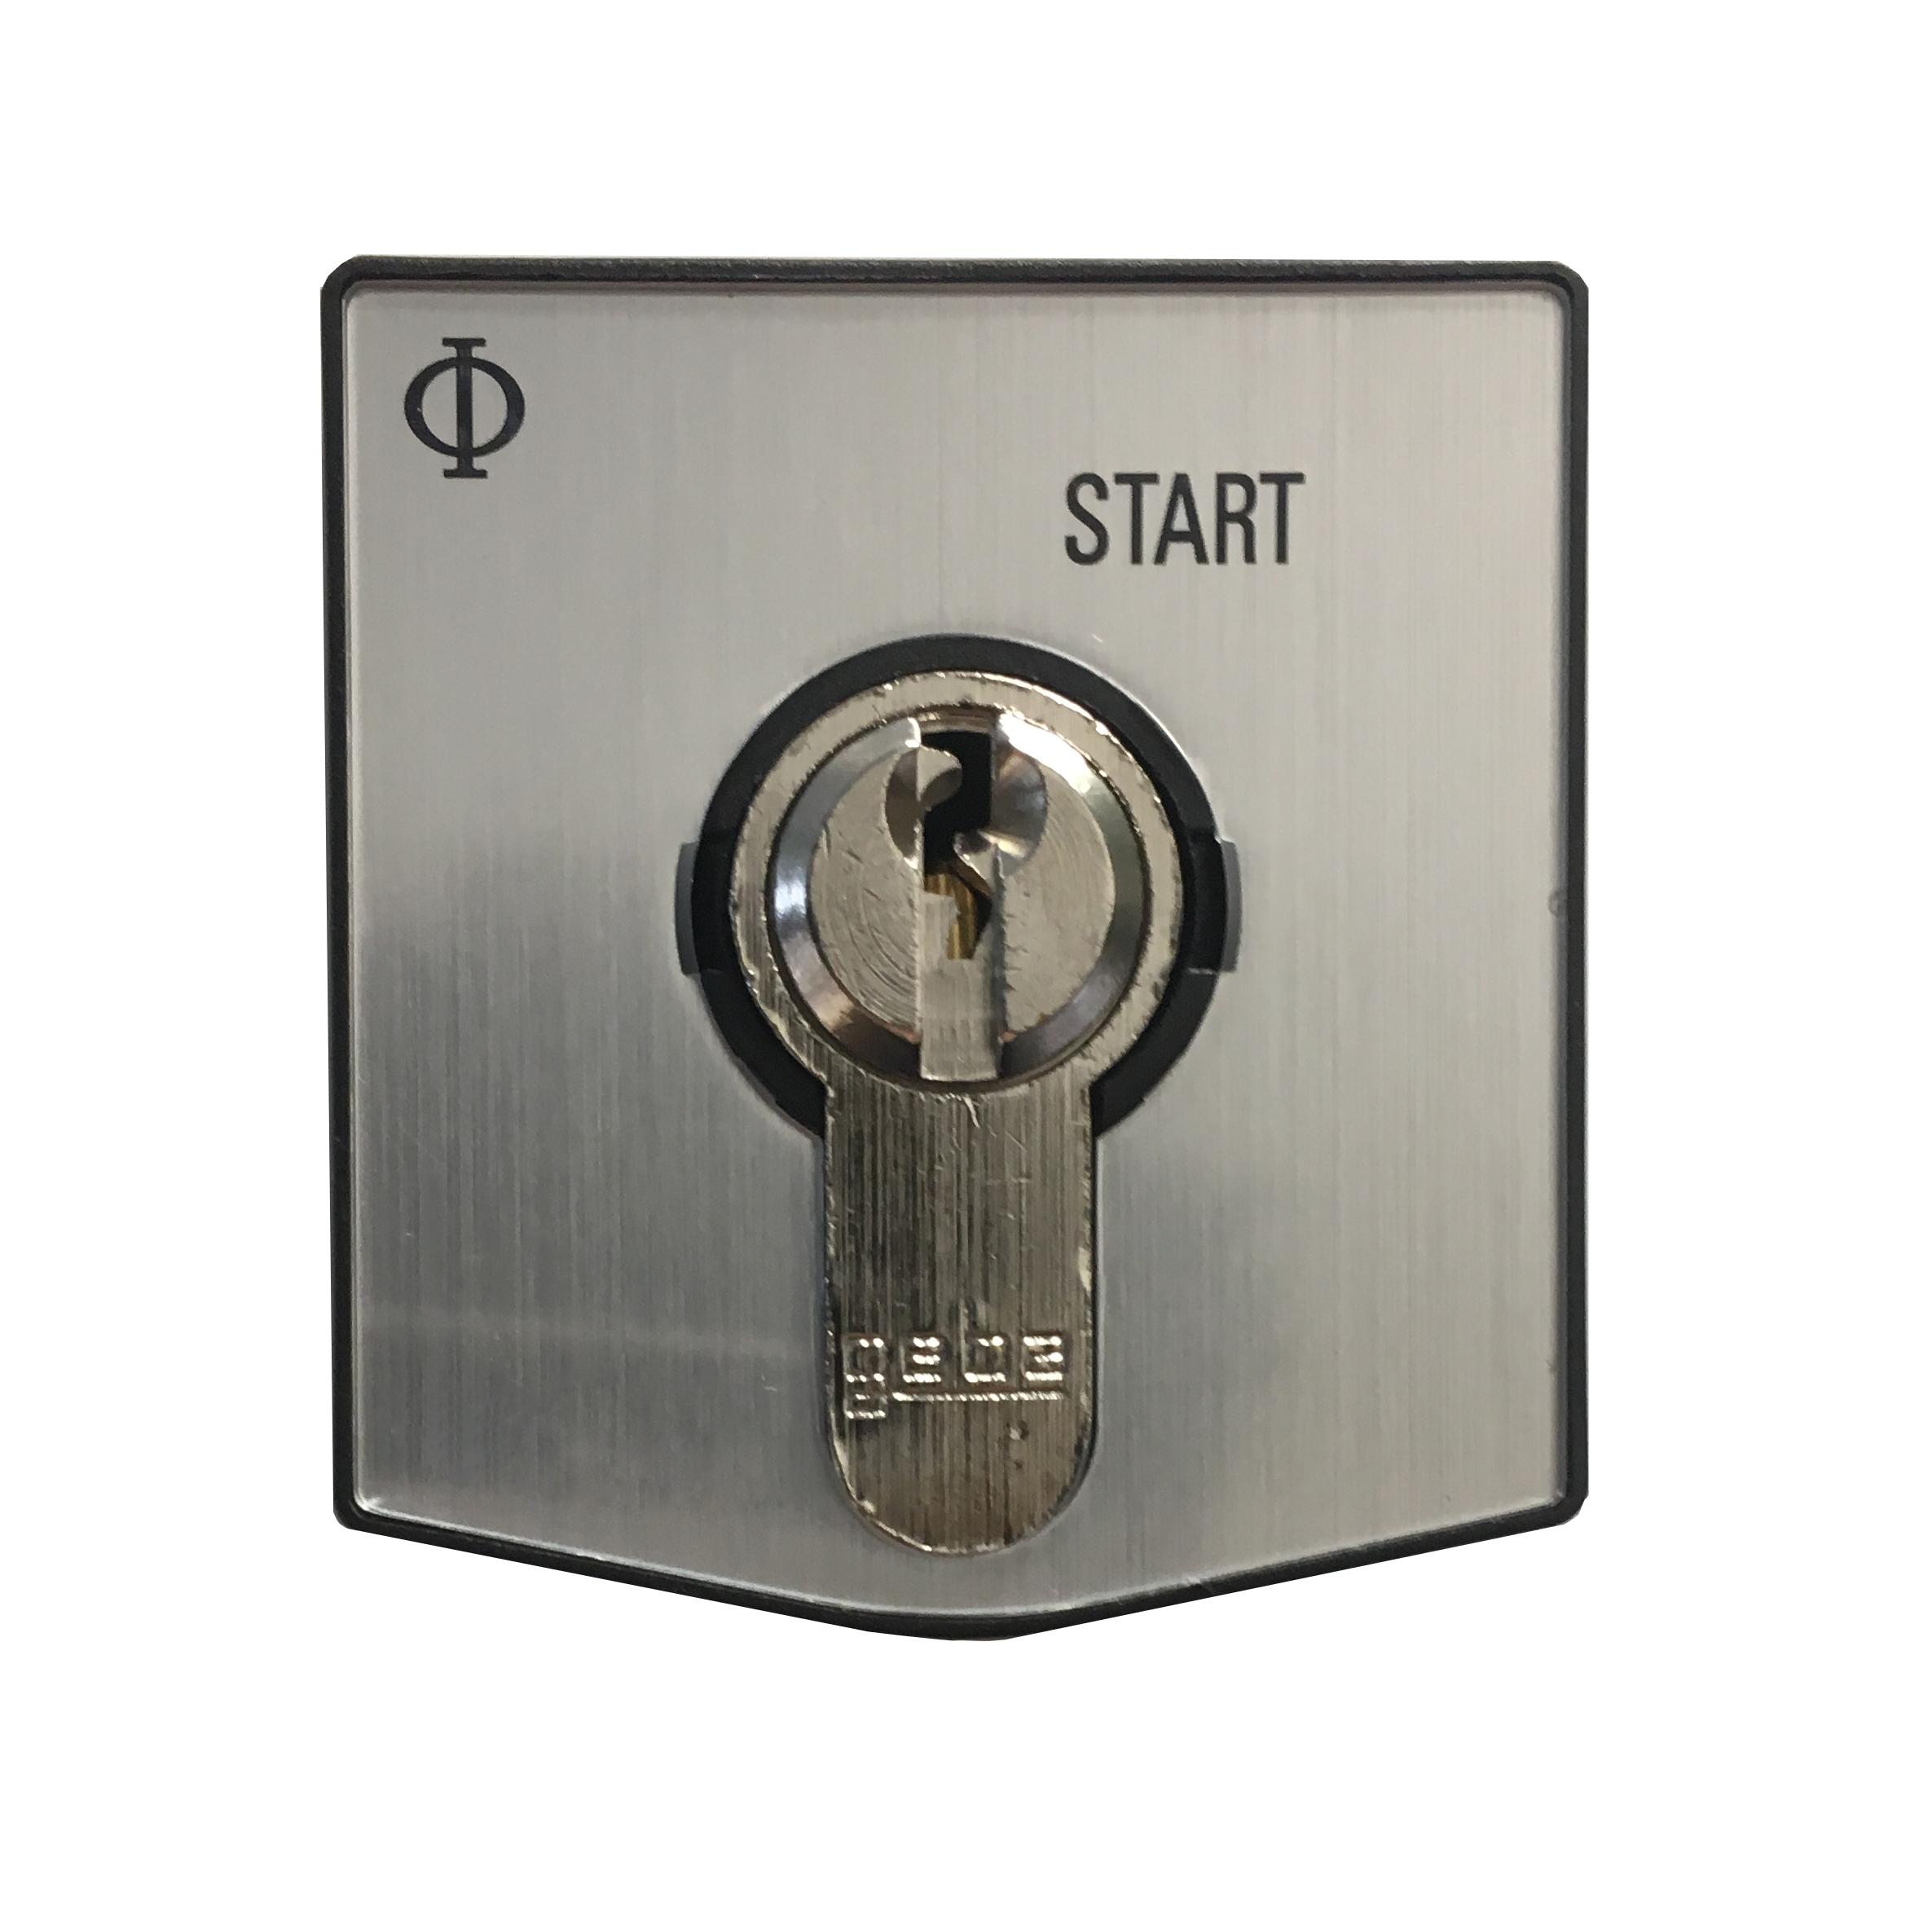 1 Stk Freischaltoption, für Standard-HZ, Schalt- oder Tastfunktion EMCKEYHZ--